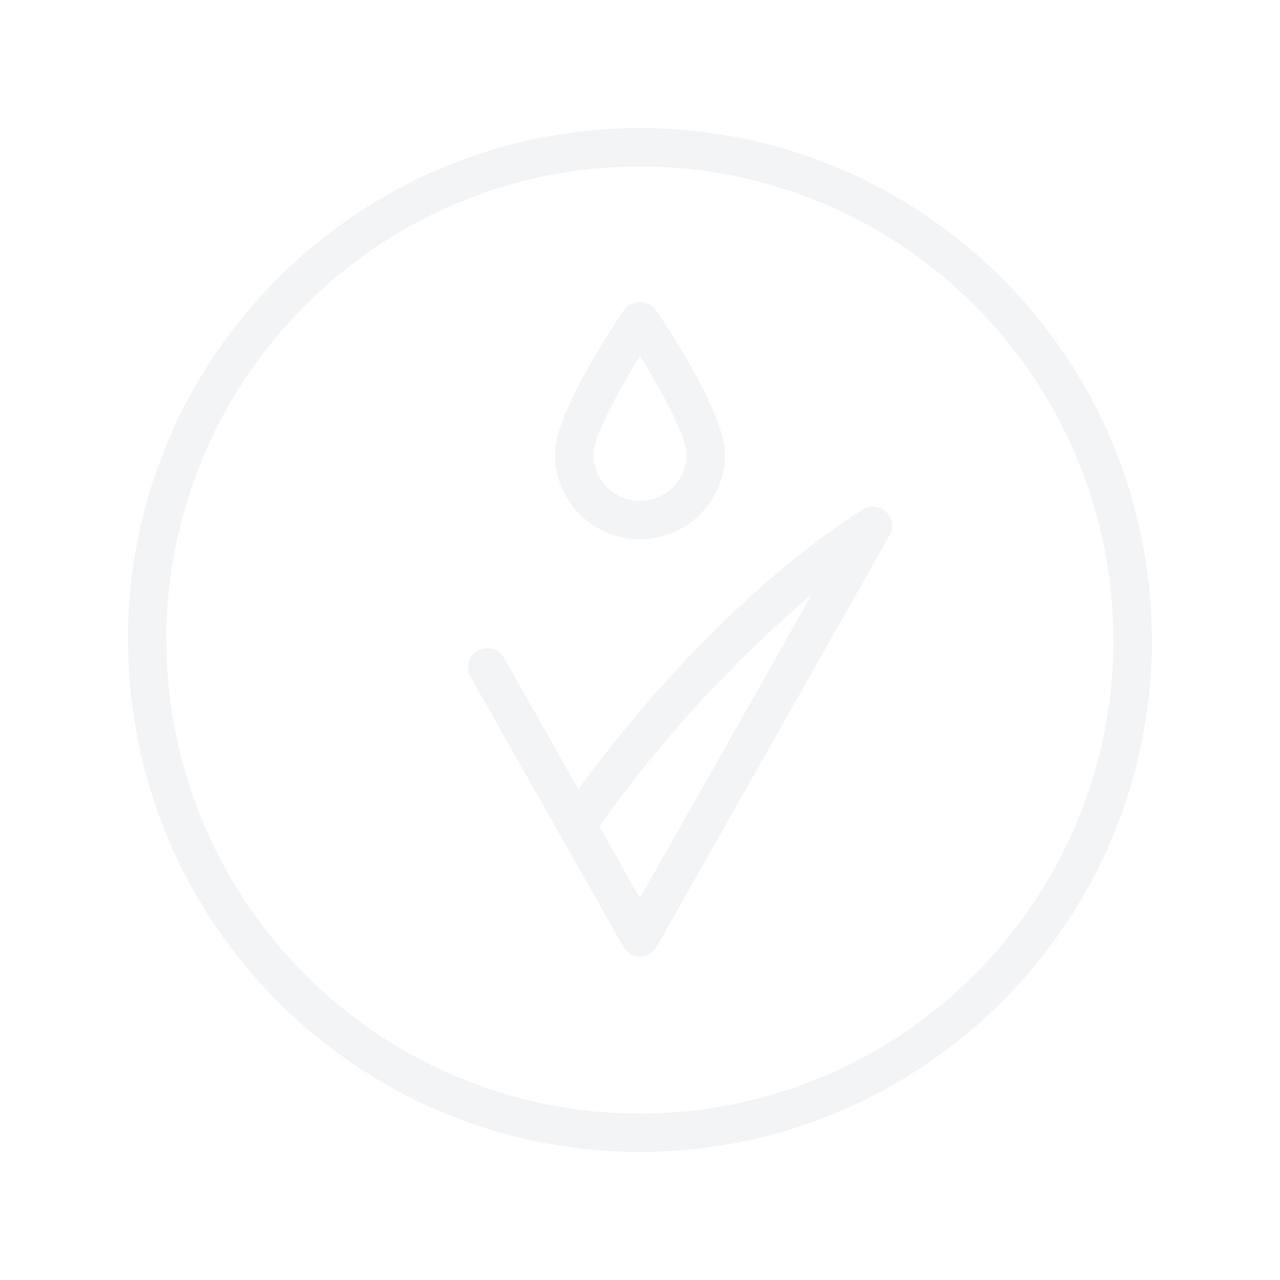 MANCAVE Cedarwood Shower Gel 200ml